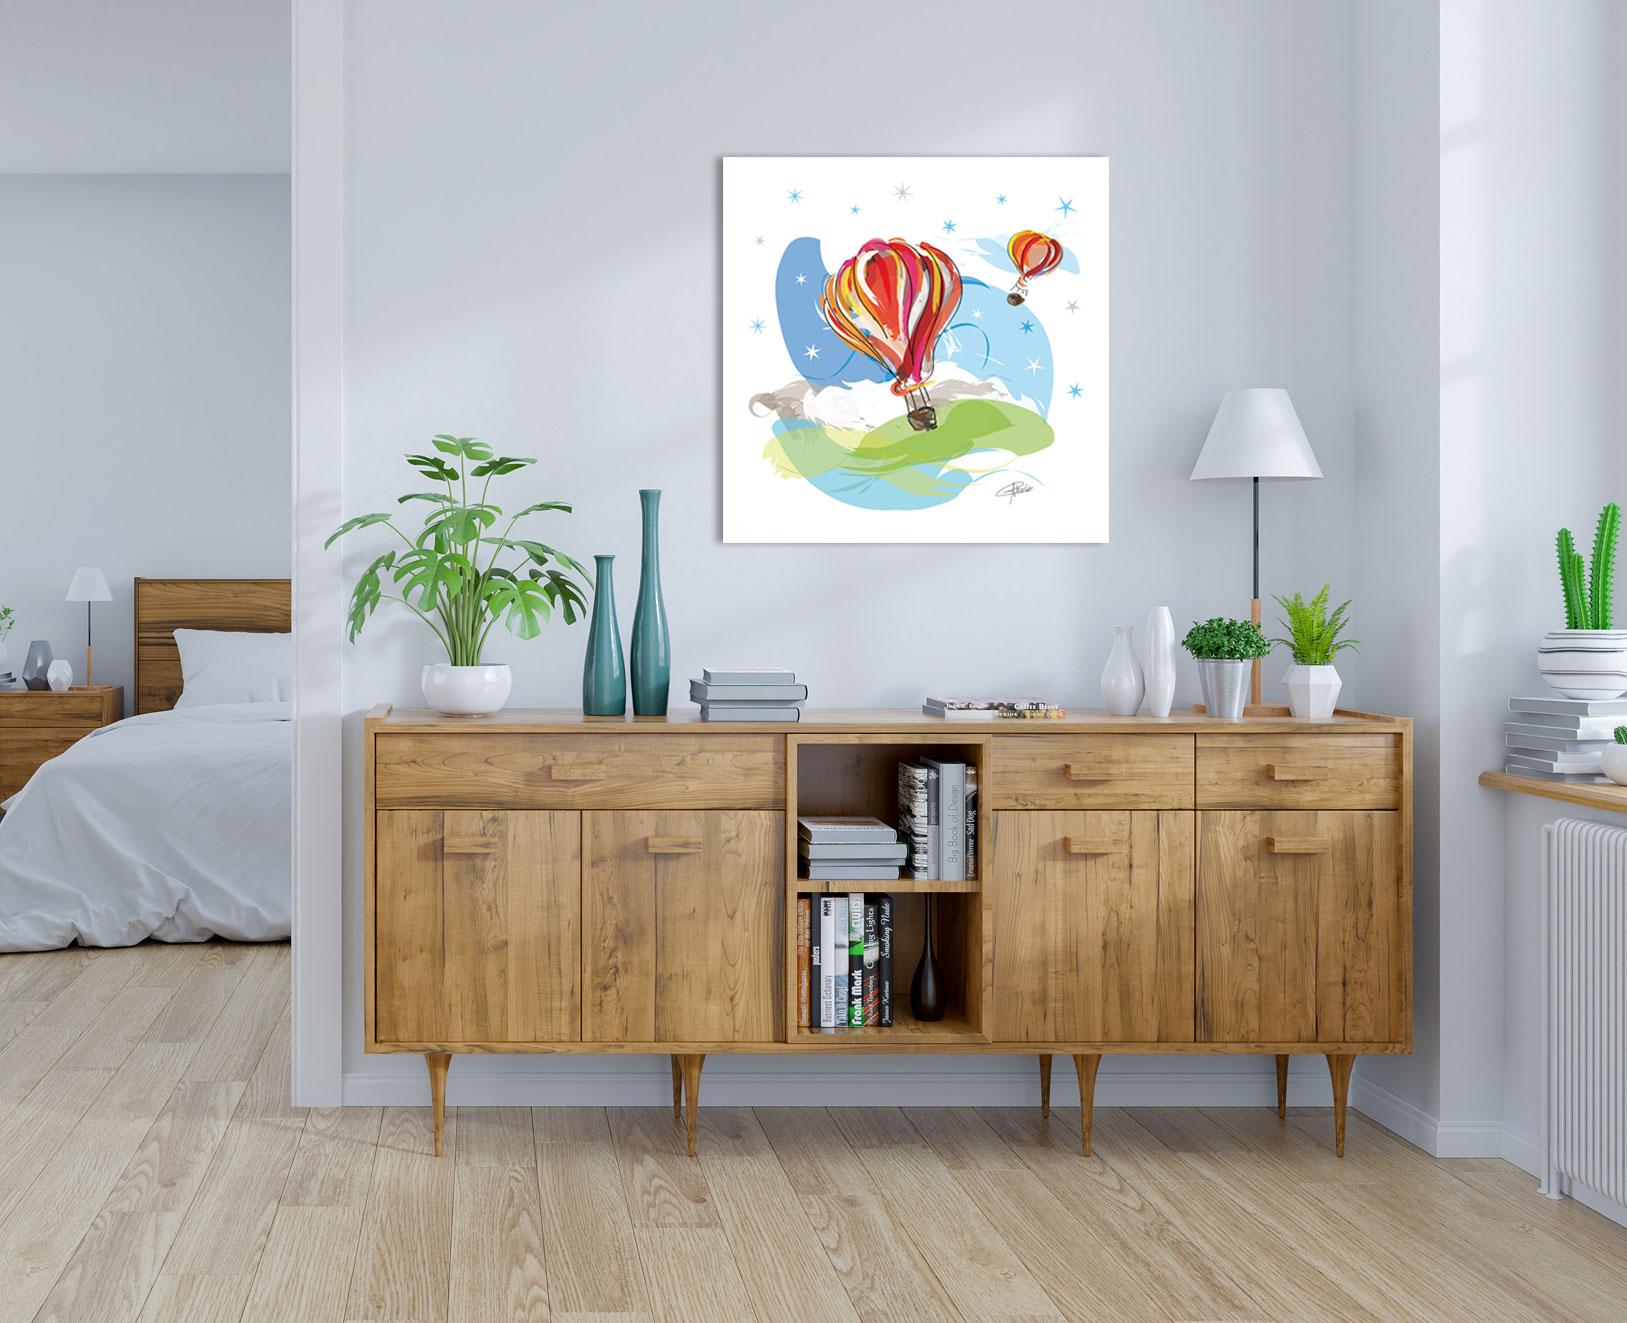 montgolfiere affiche tableau